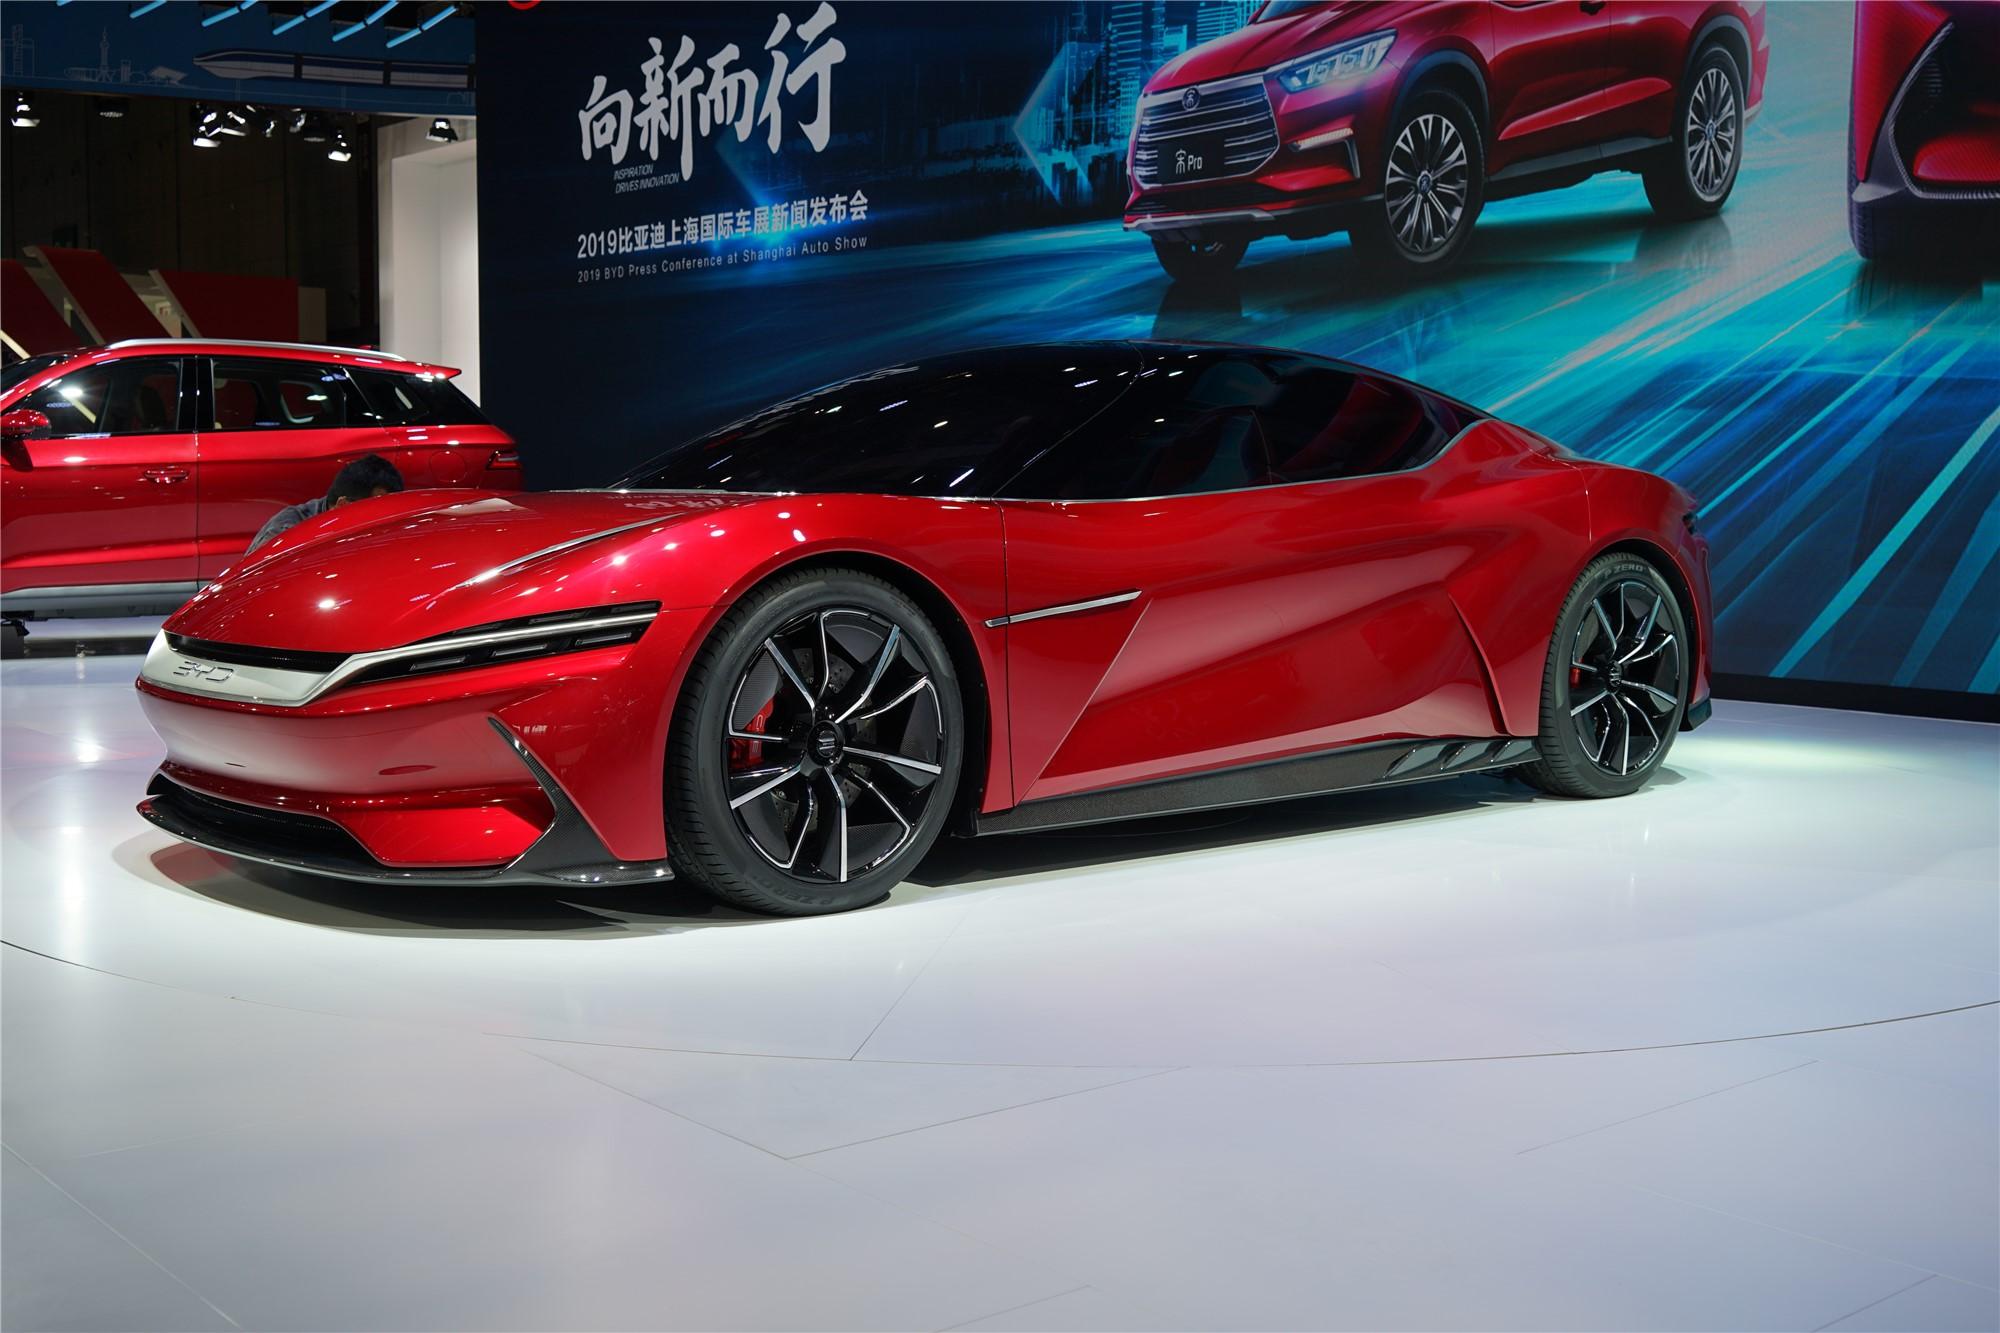 首款超级跑车概念车 比亚迪E-SEED GT亮相